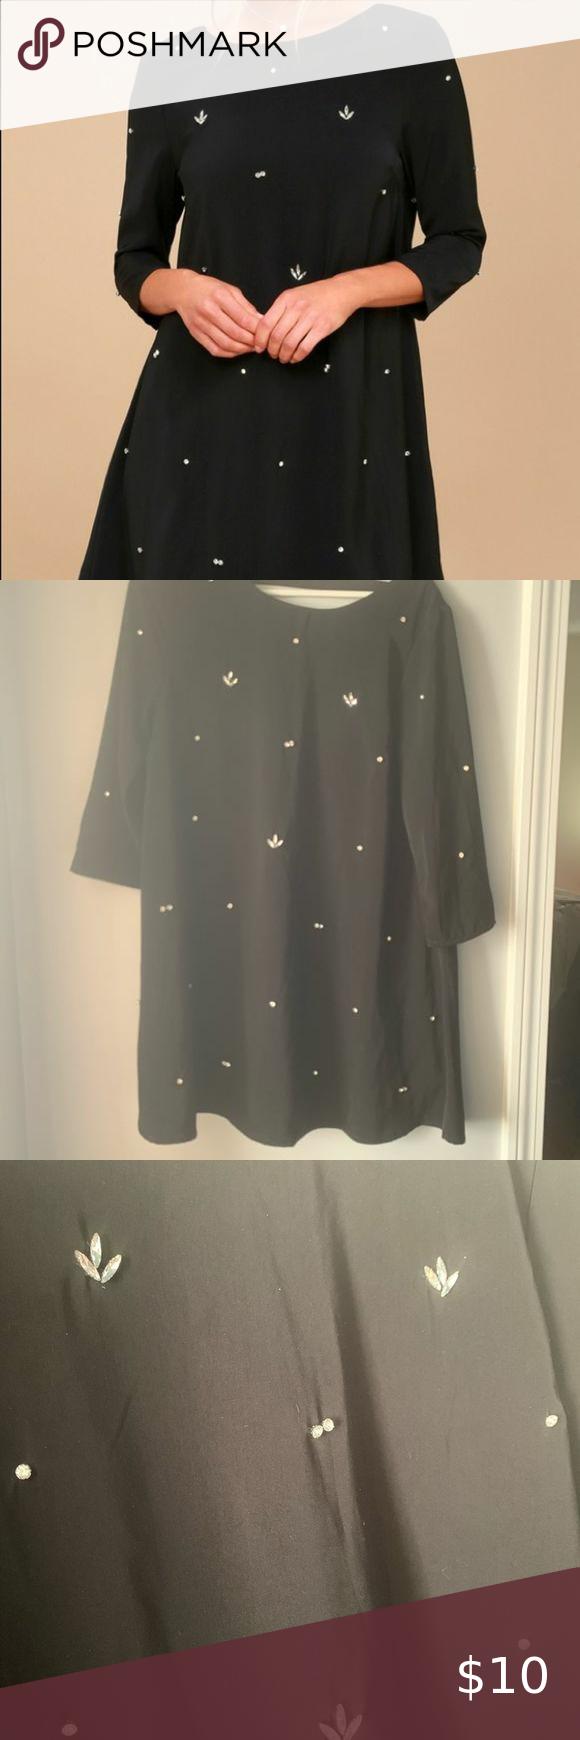 Lulus Black Rhinestone 3 4 Sleeve Swing Dress In 2021 Sleeved Swing Dress Swing Dress Lulu Dresses